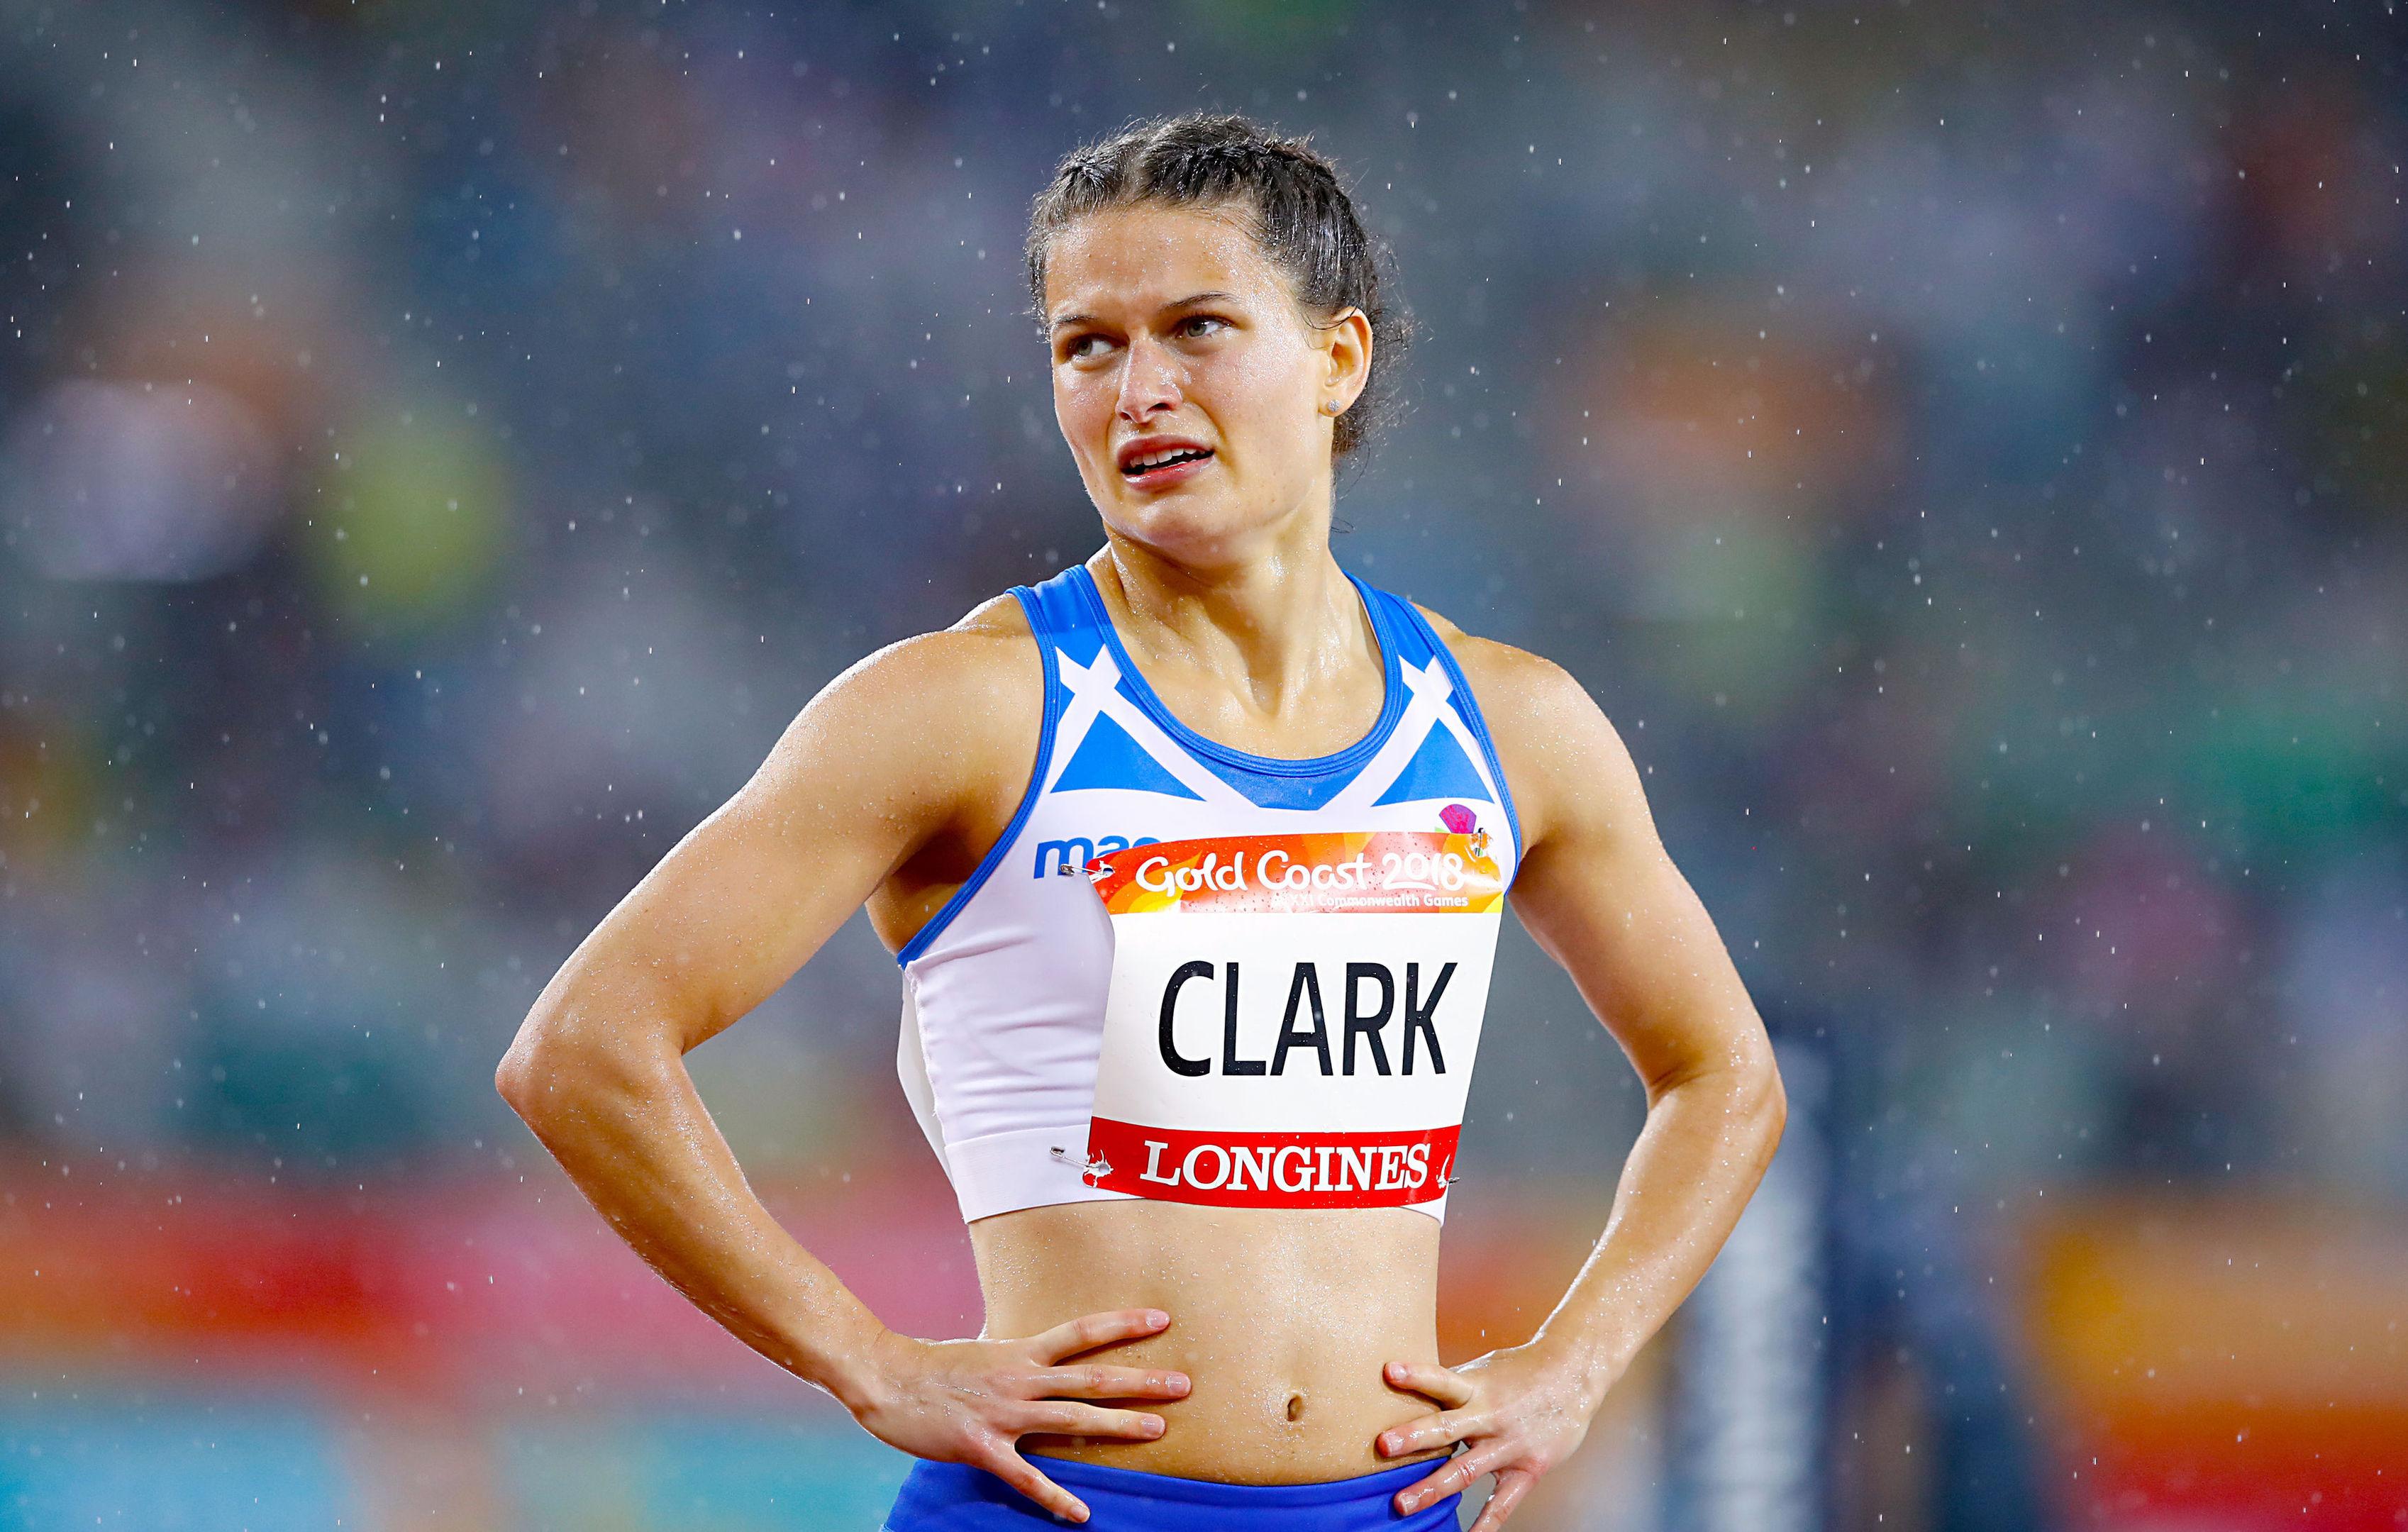 Zoey Clark